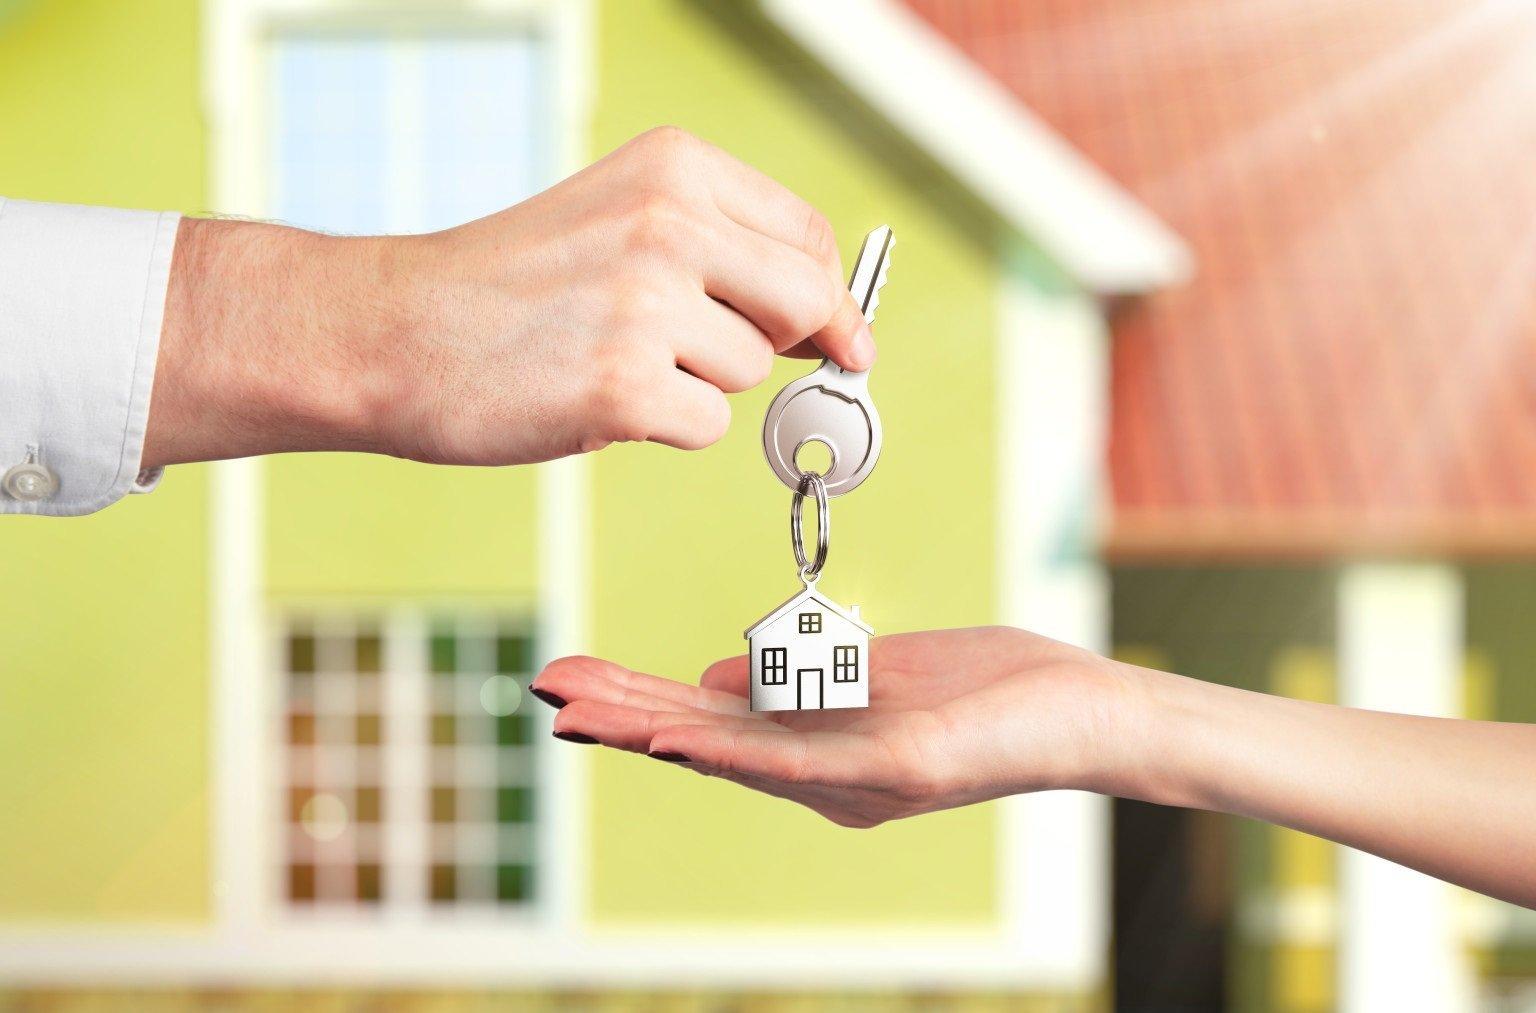 Чем отличается договор найма от договора аренды жилого помещения в 2020 году?